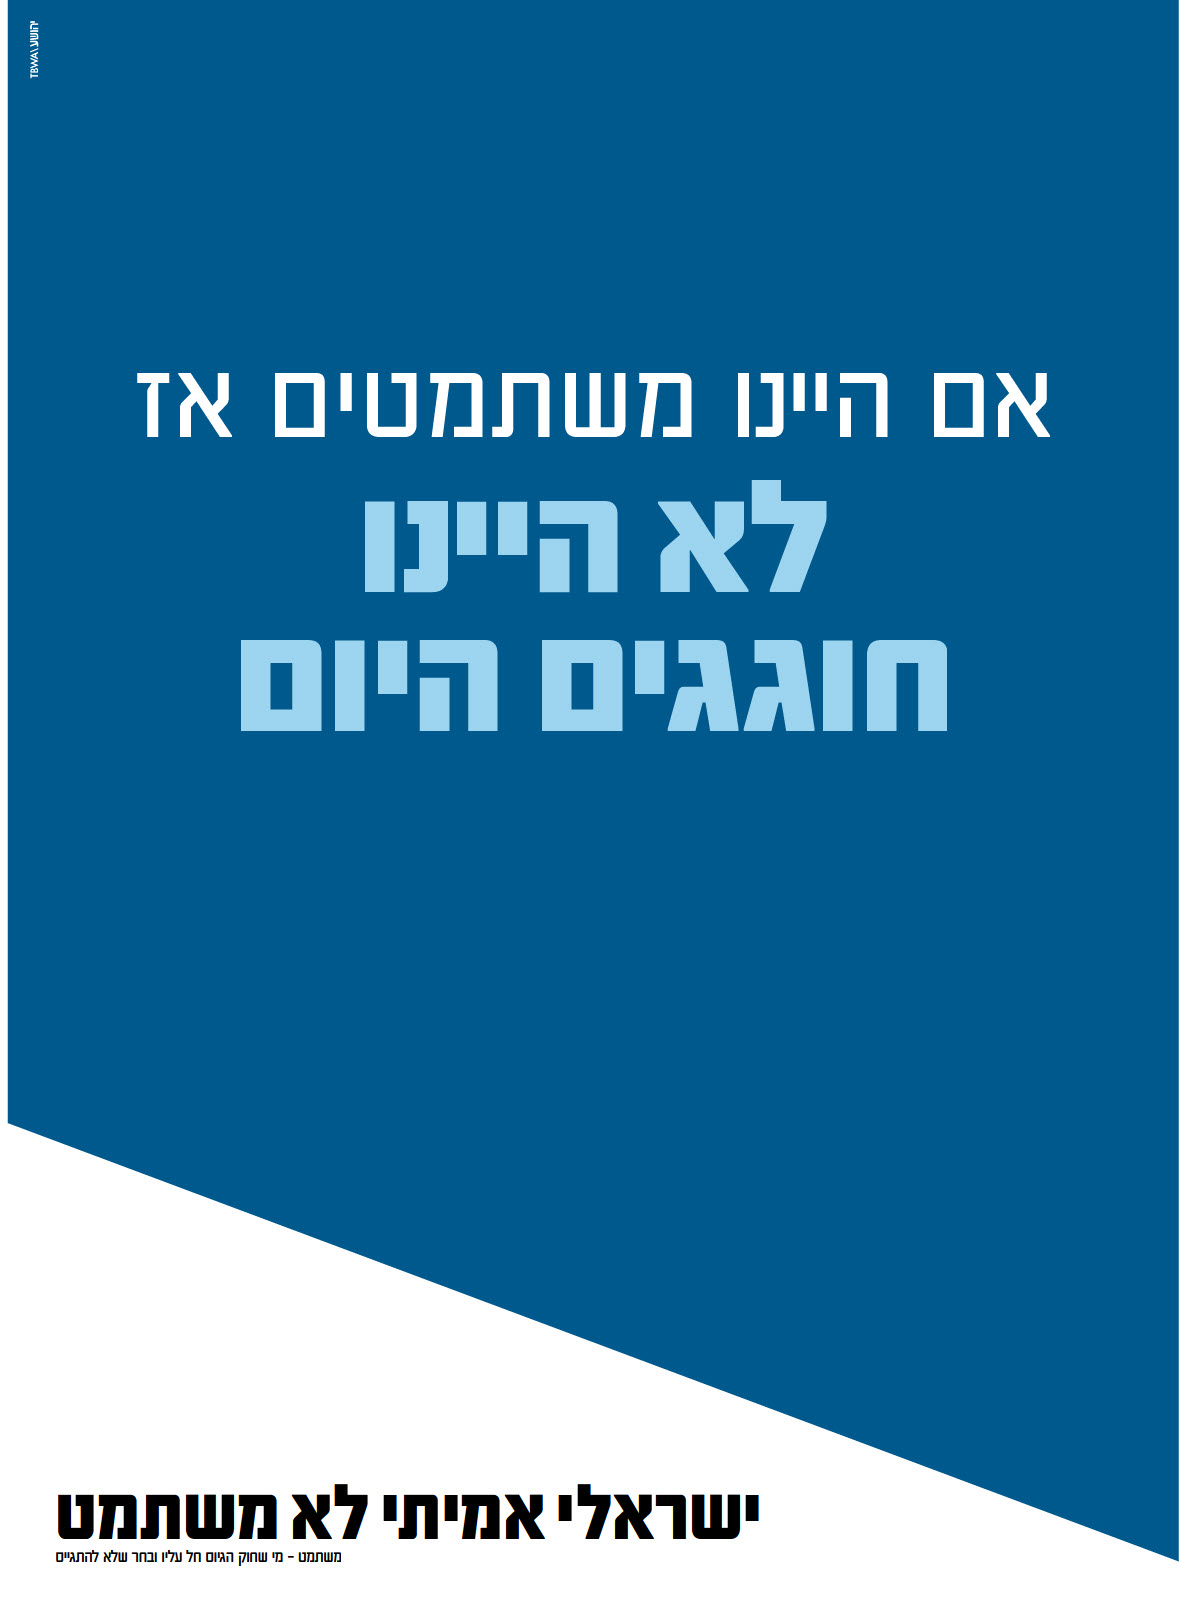 ישראלי אמיתי לא משתמט